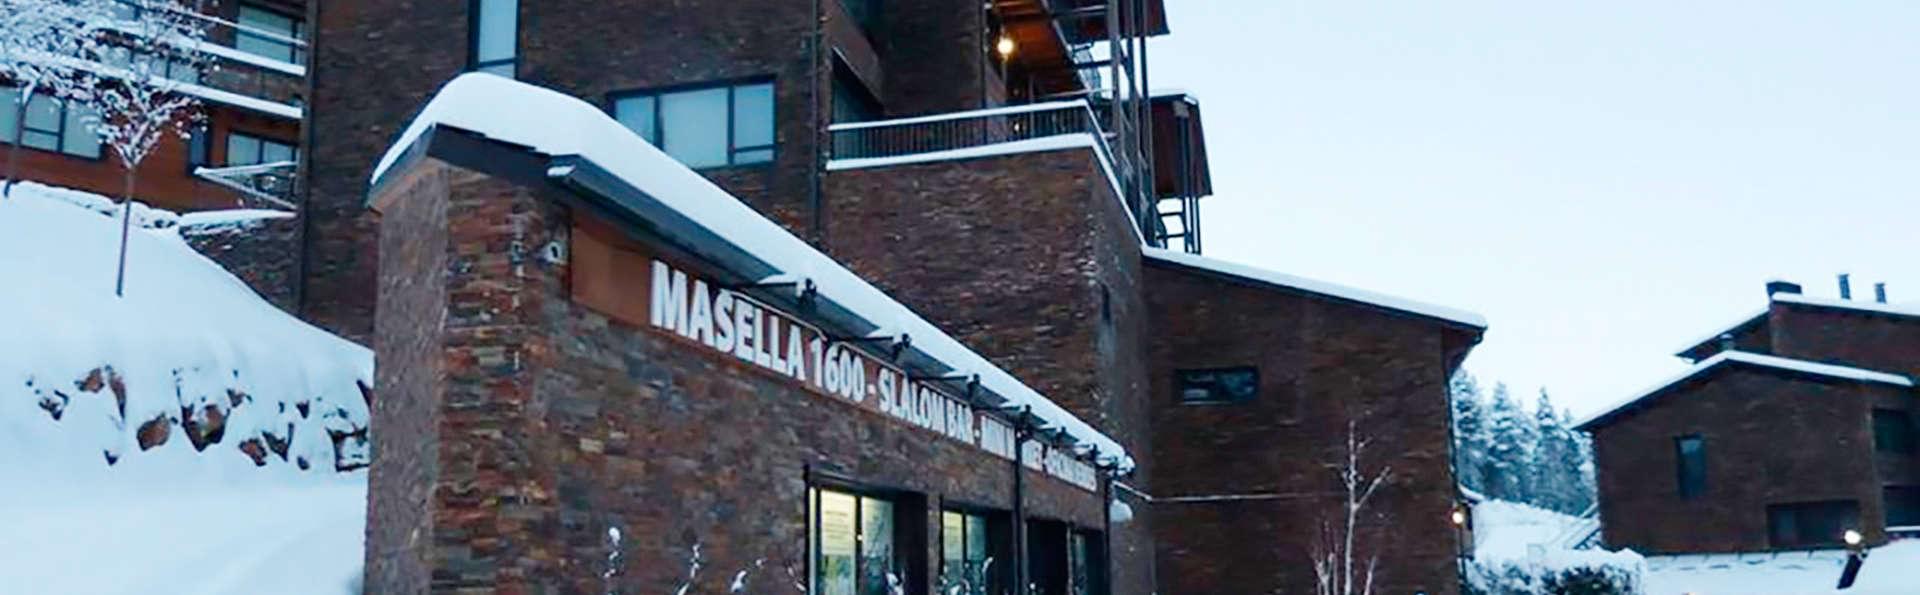 Apartamentos La Masella 1600 - EDIT_front1.jpg